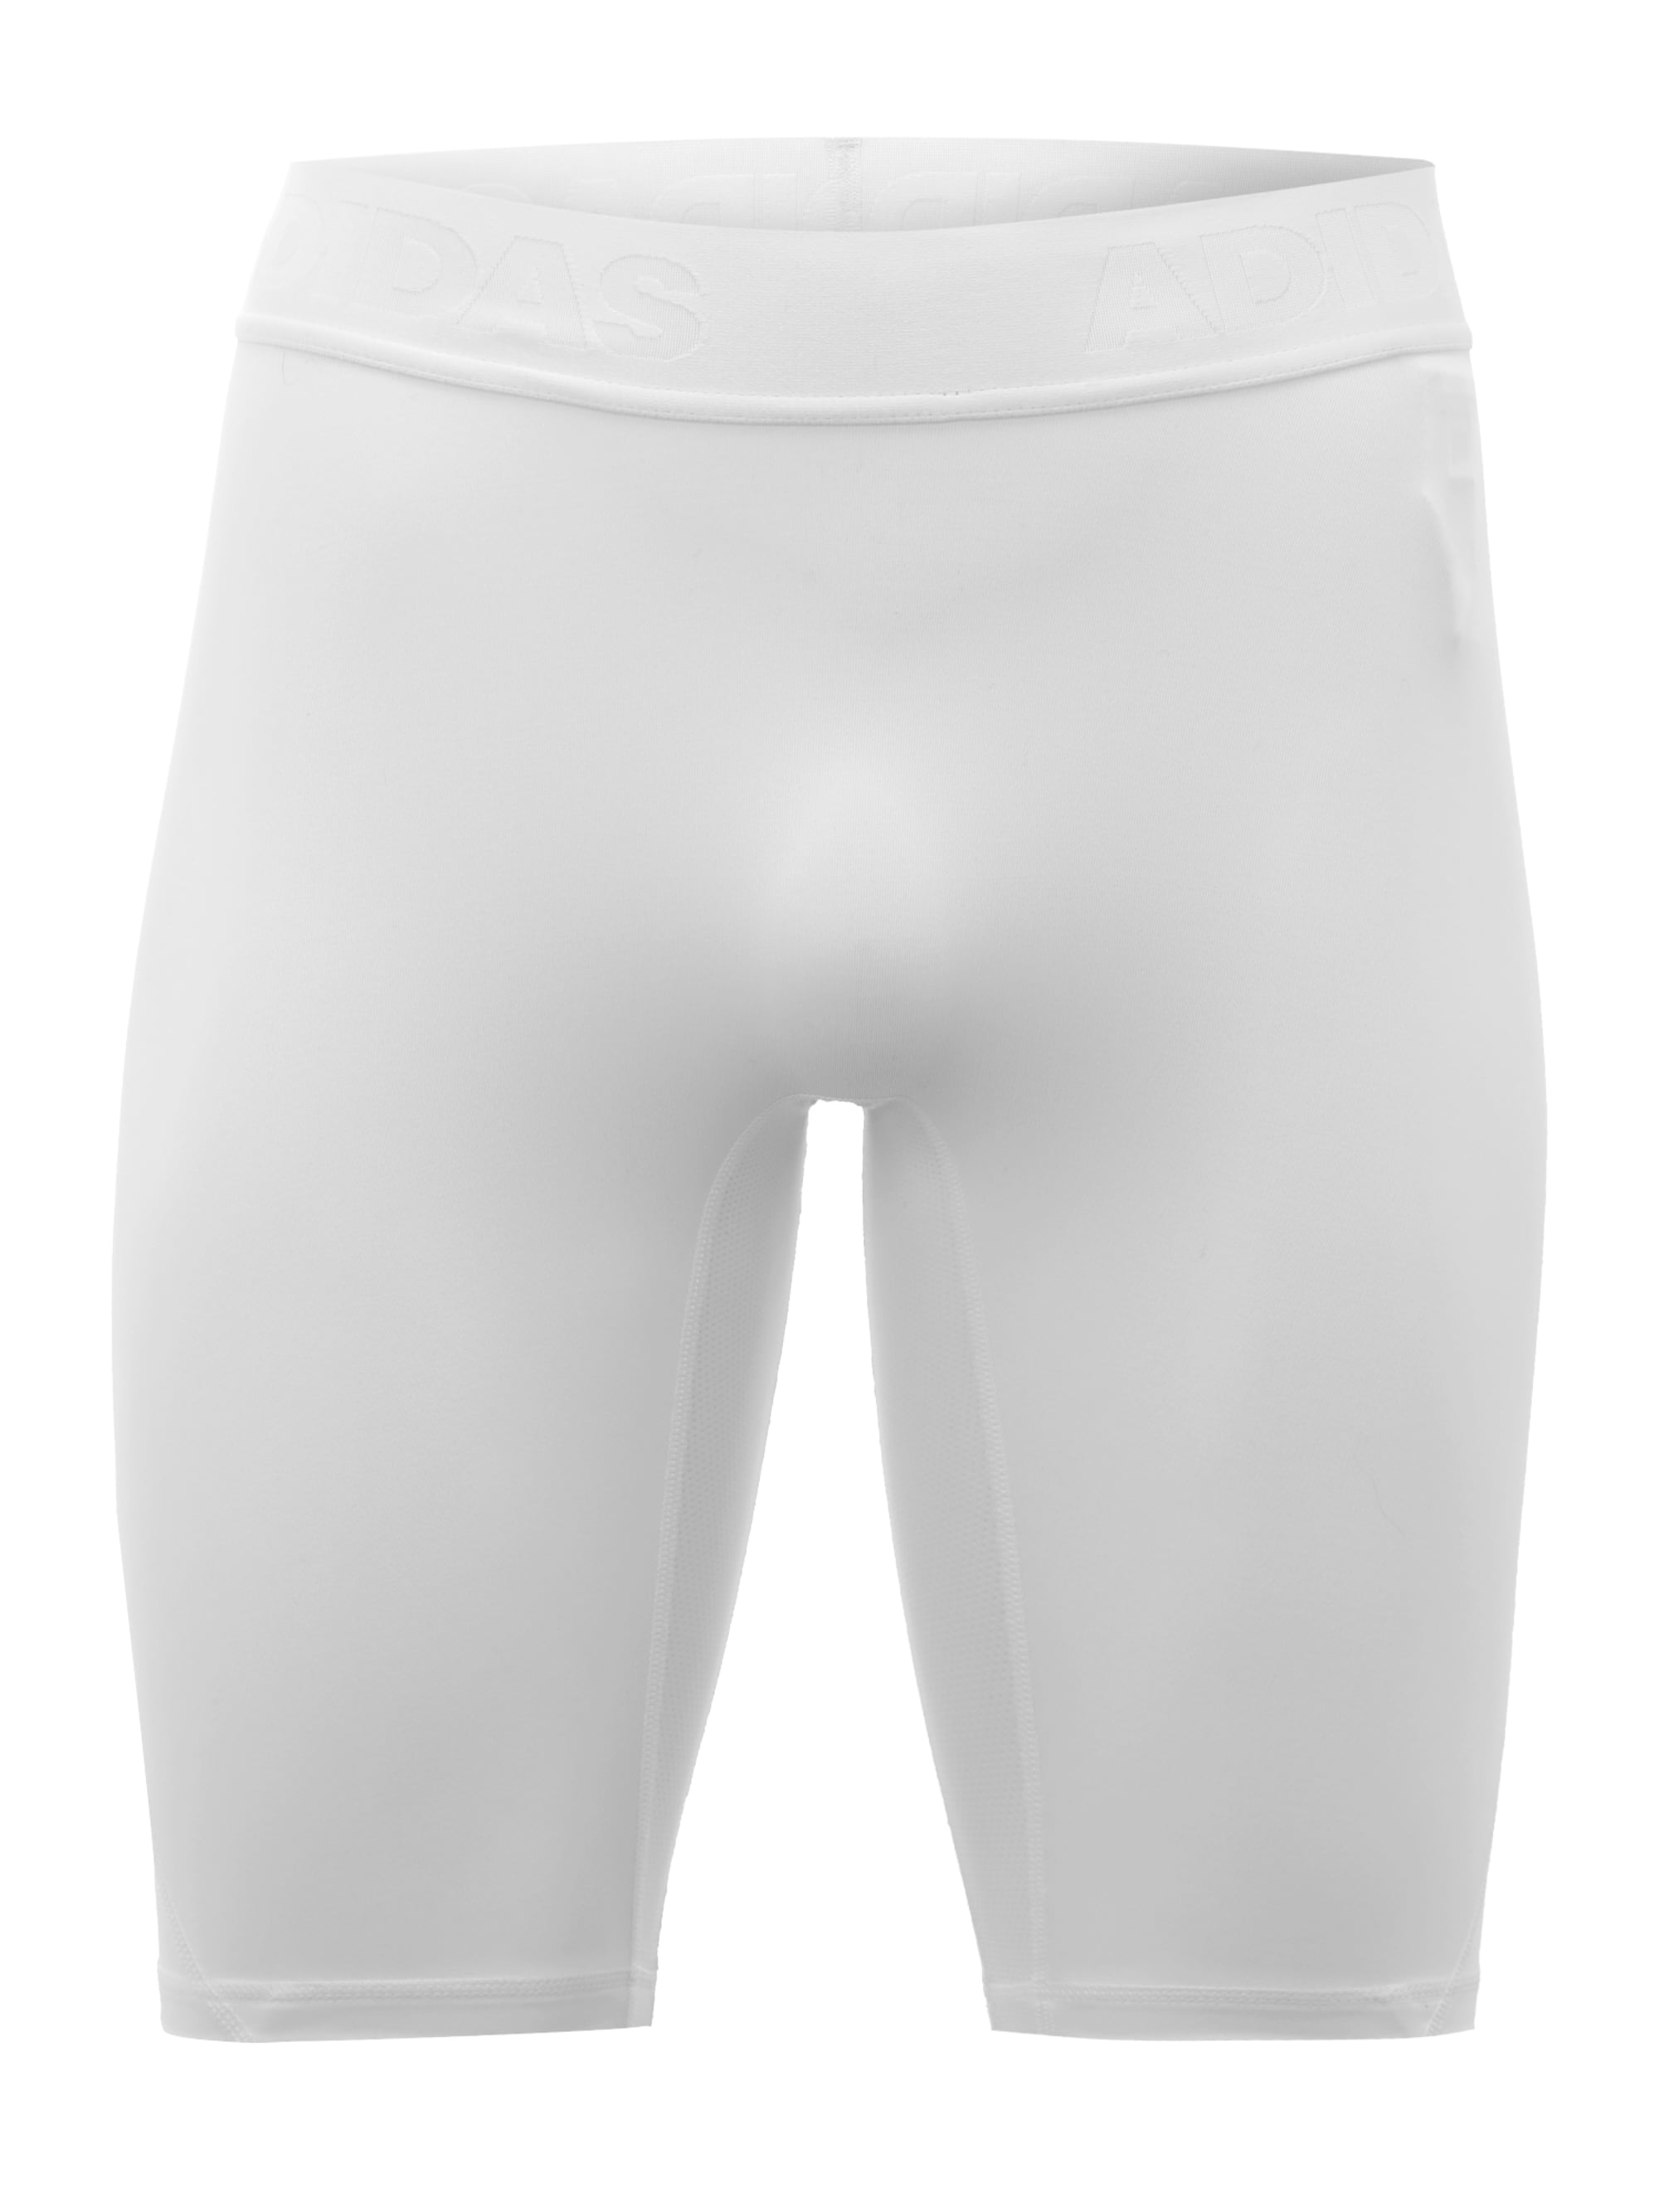 Sport-Hose mit ALPHASKIN-Technologie